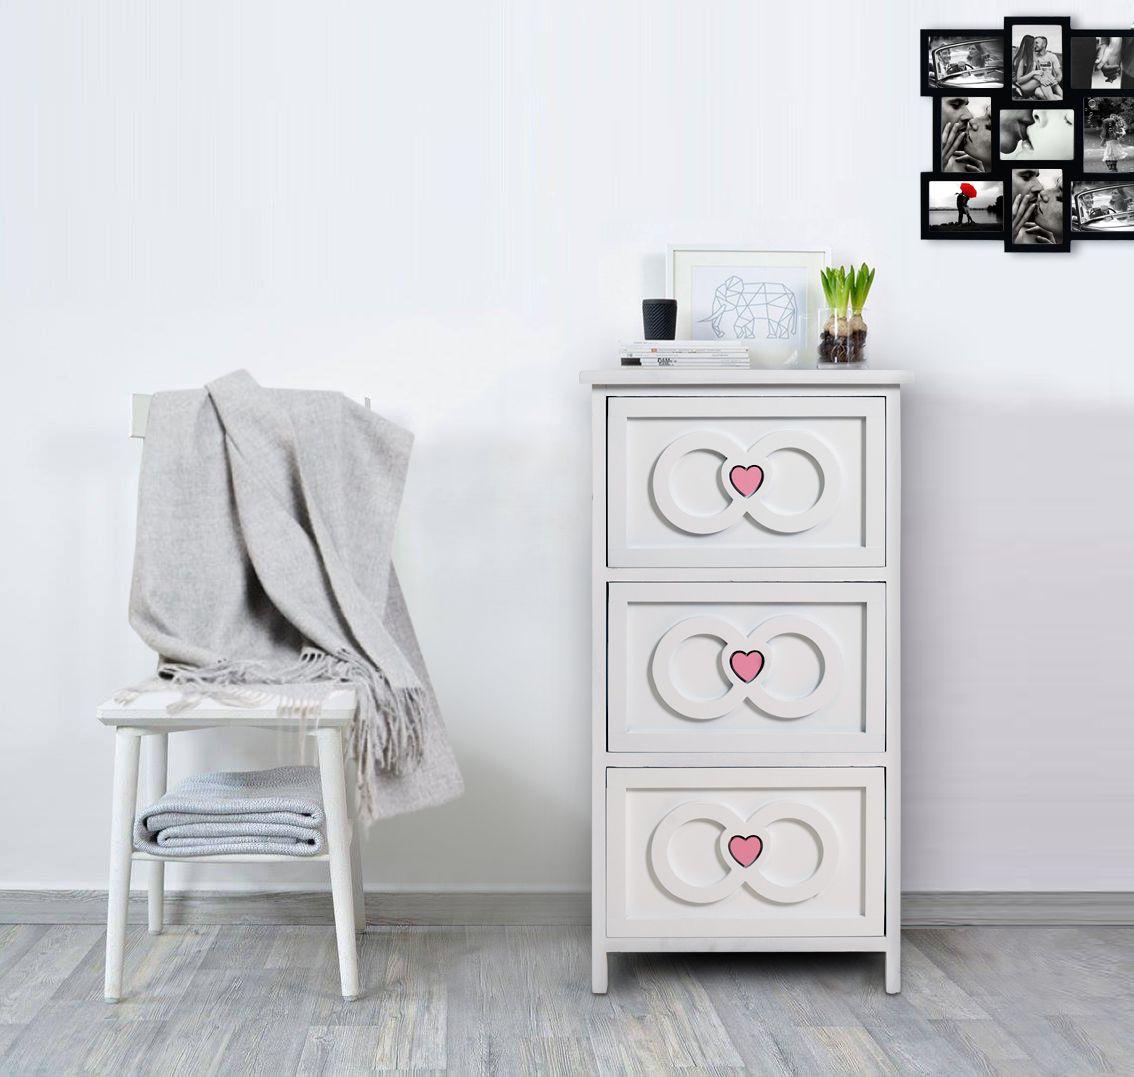 Cassettiera bianca in stile shabby chic tre cassetti con - Decorazioni mobili shabby chic ...